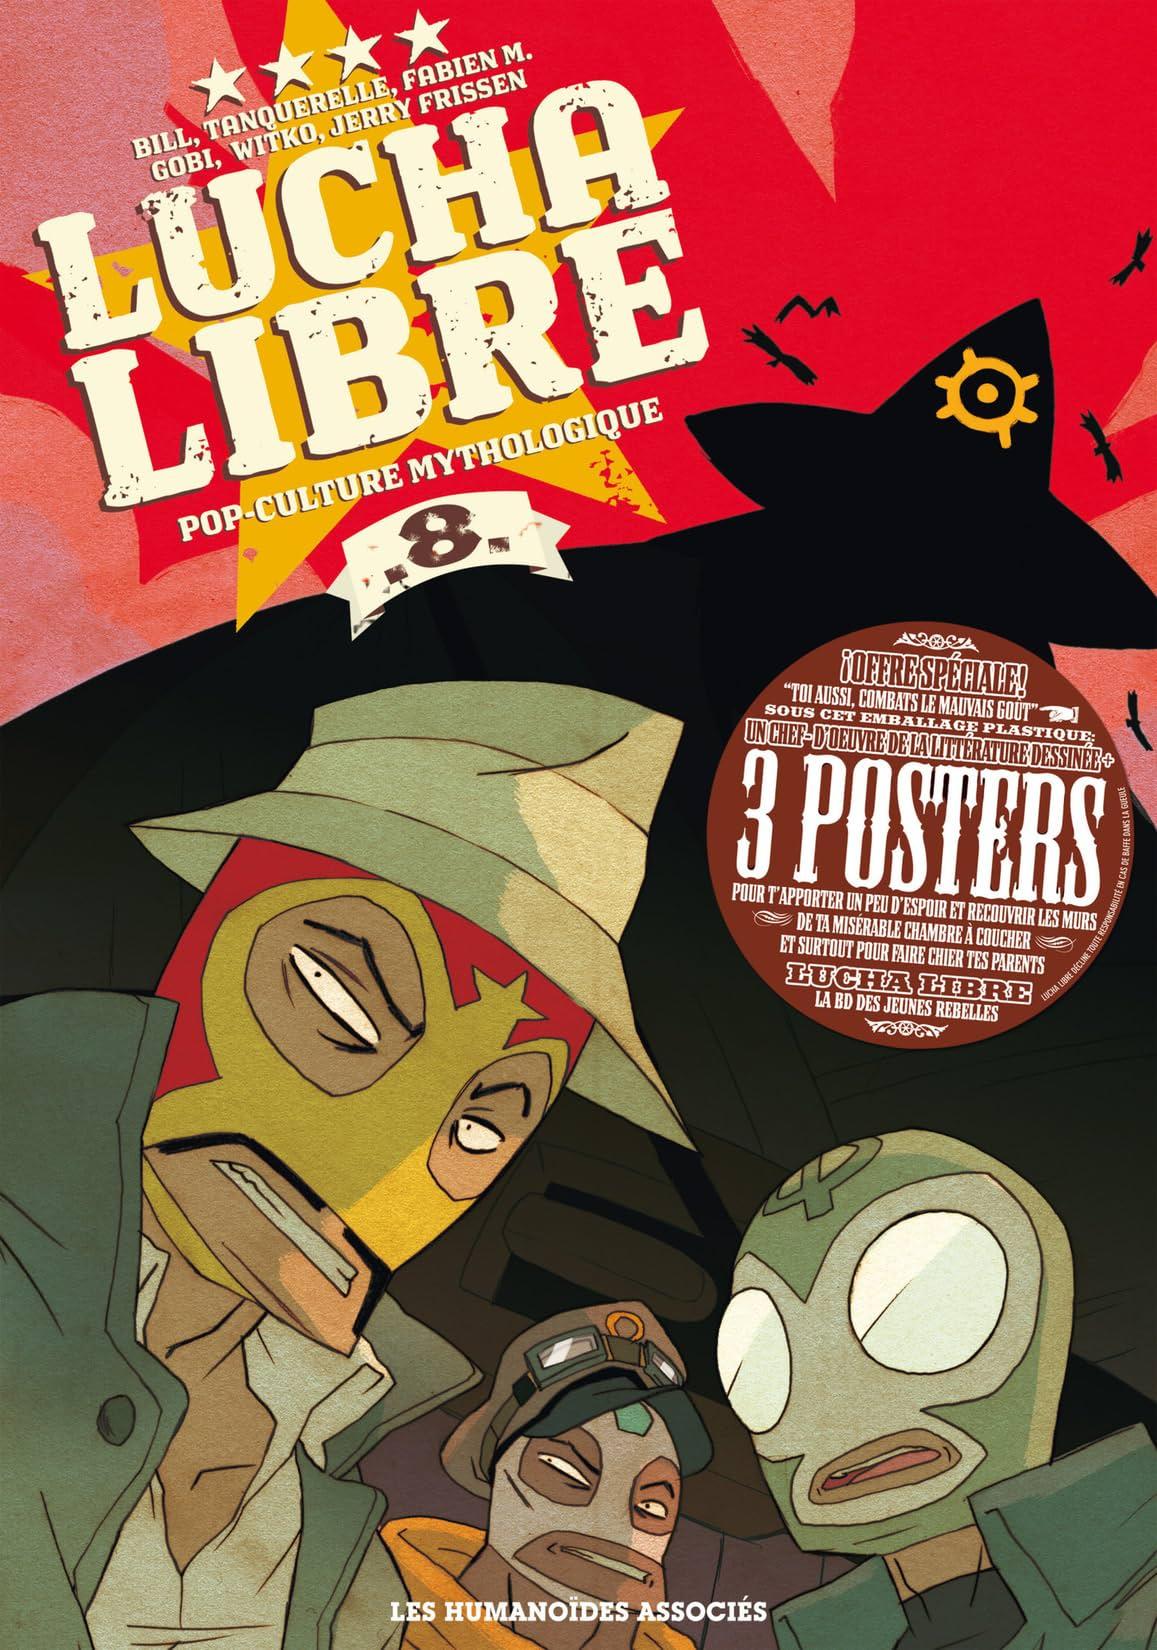 Lucha Libre Vol. 8: Pop-Culture mythologique